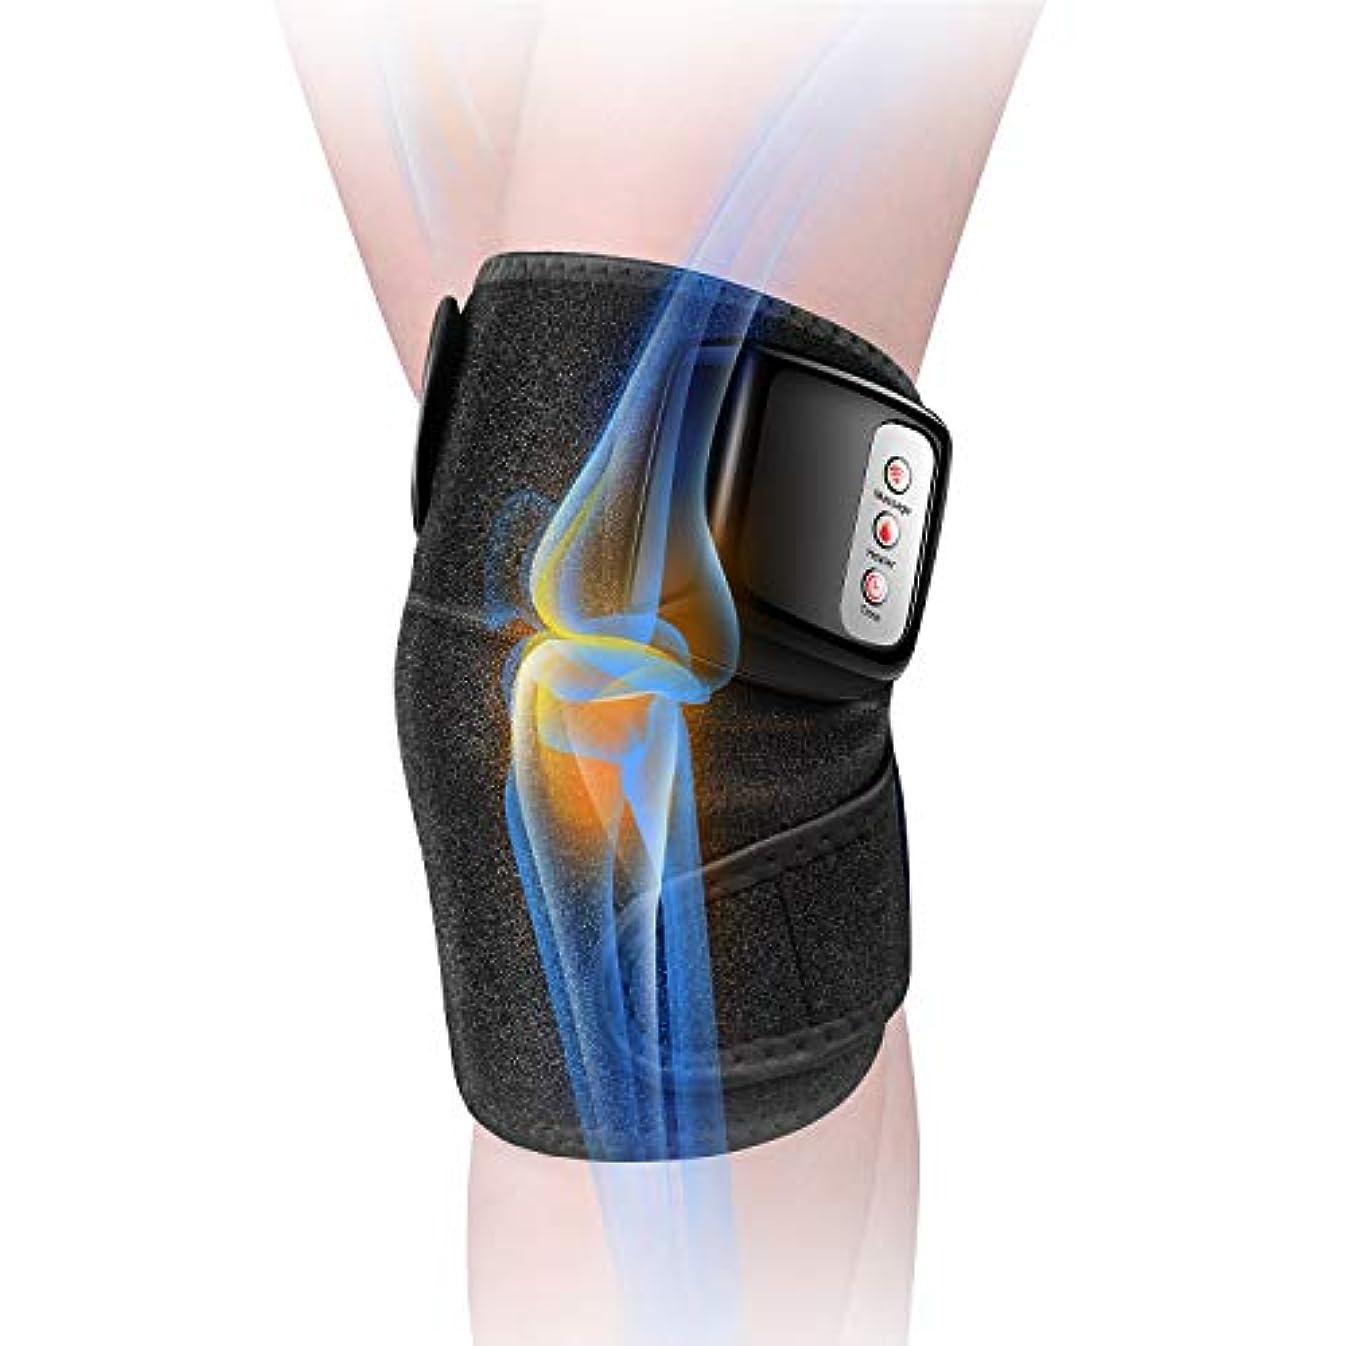 薄いスポーツの試合を担当している人ゴールド膝マッサージャー 関節マッサージャー マッサージ器 フットマッサージャー 振動 赤外線療法 温熱療法 膝サポーター ストレス解消 肩 太もも/腕対応